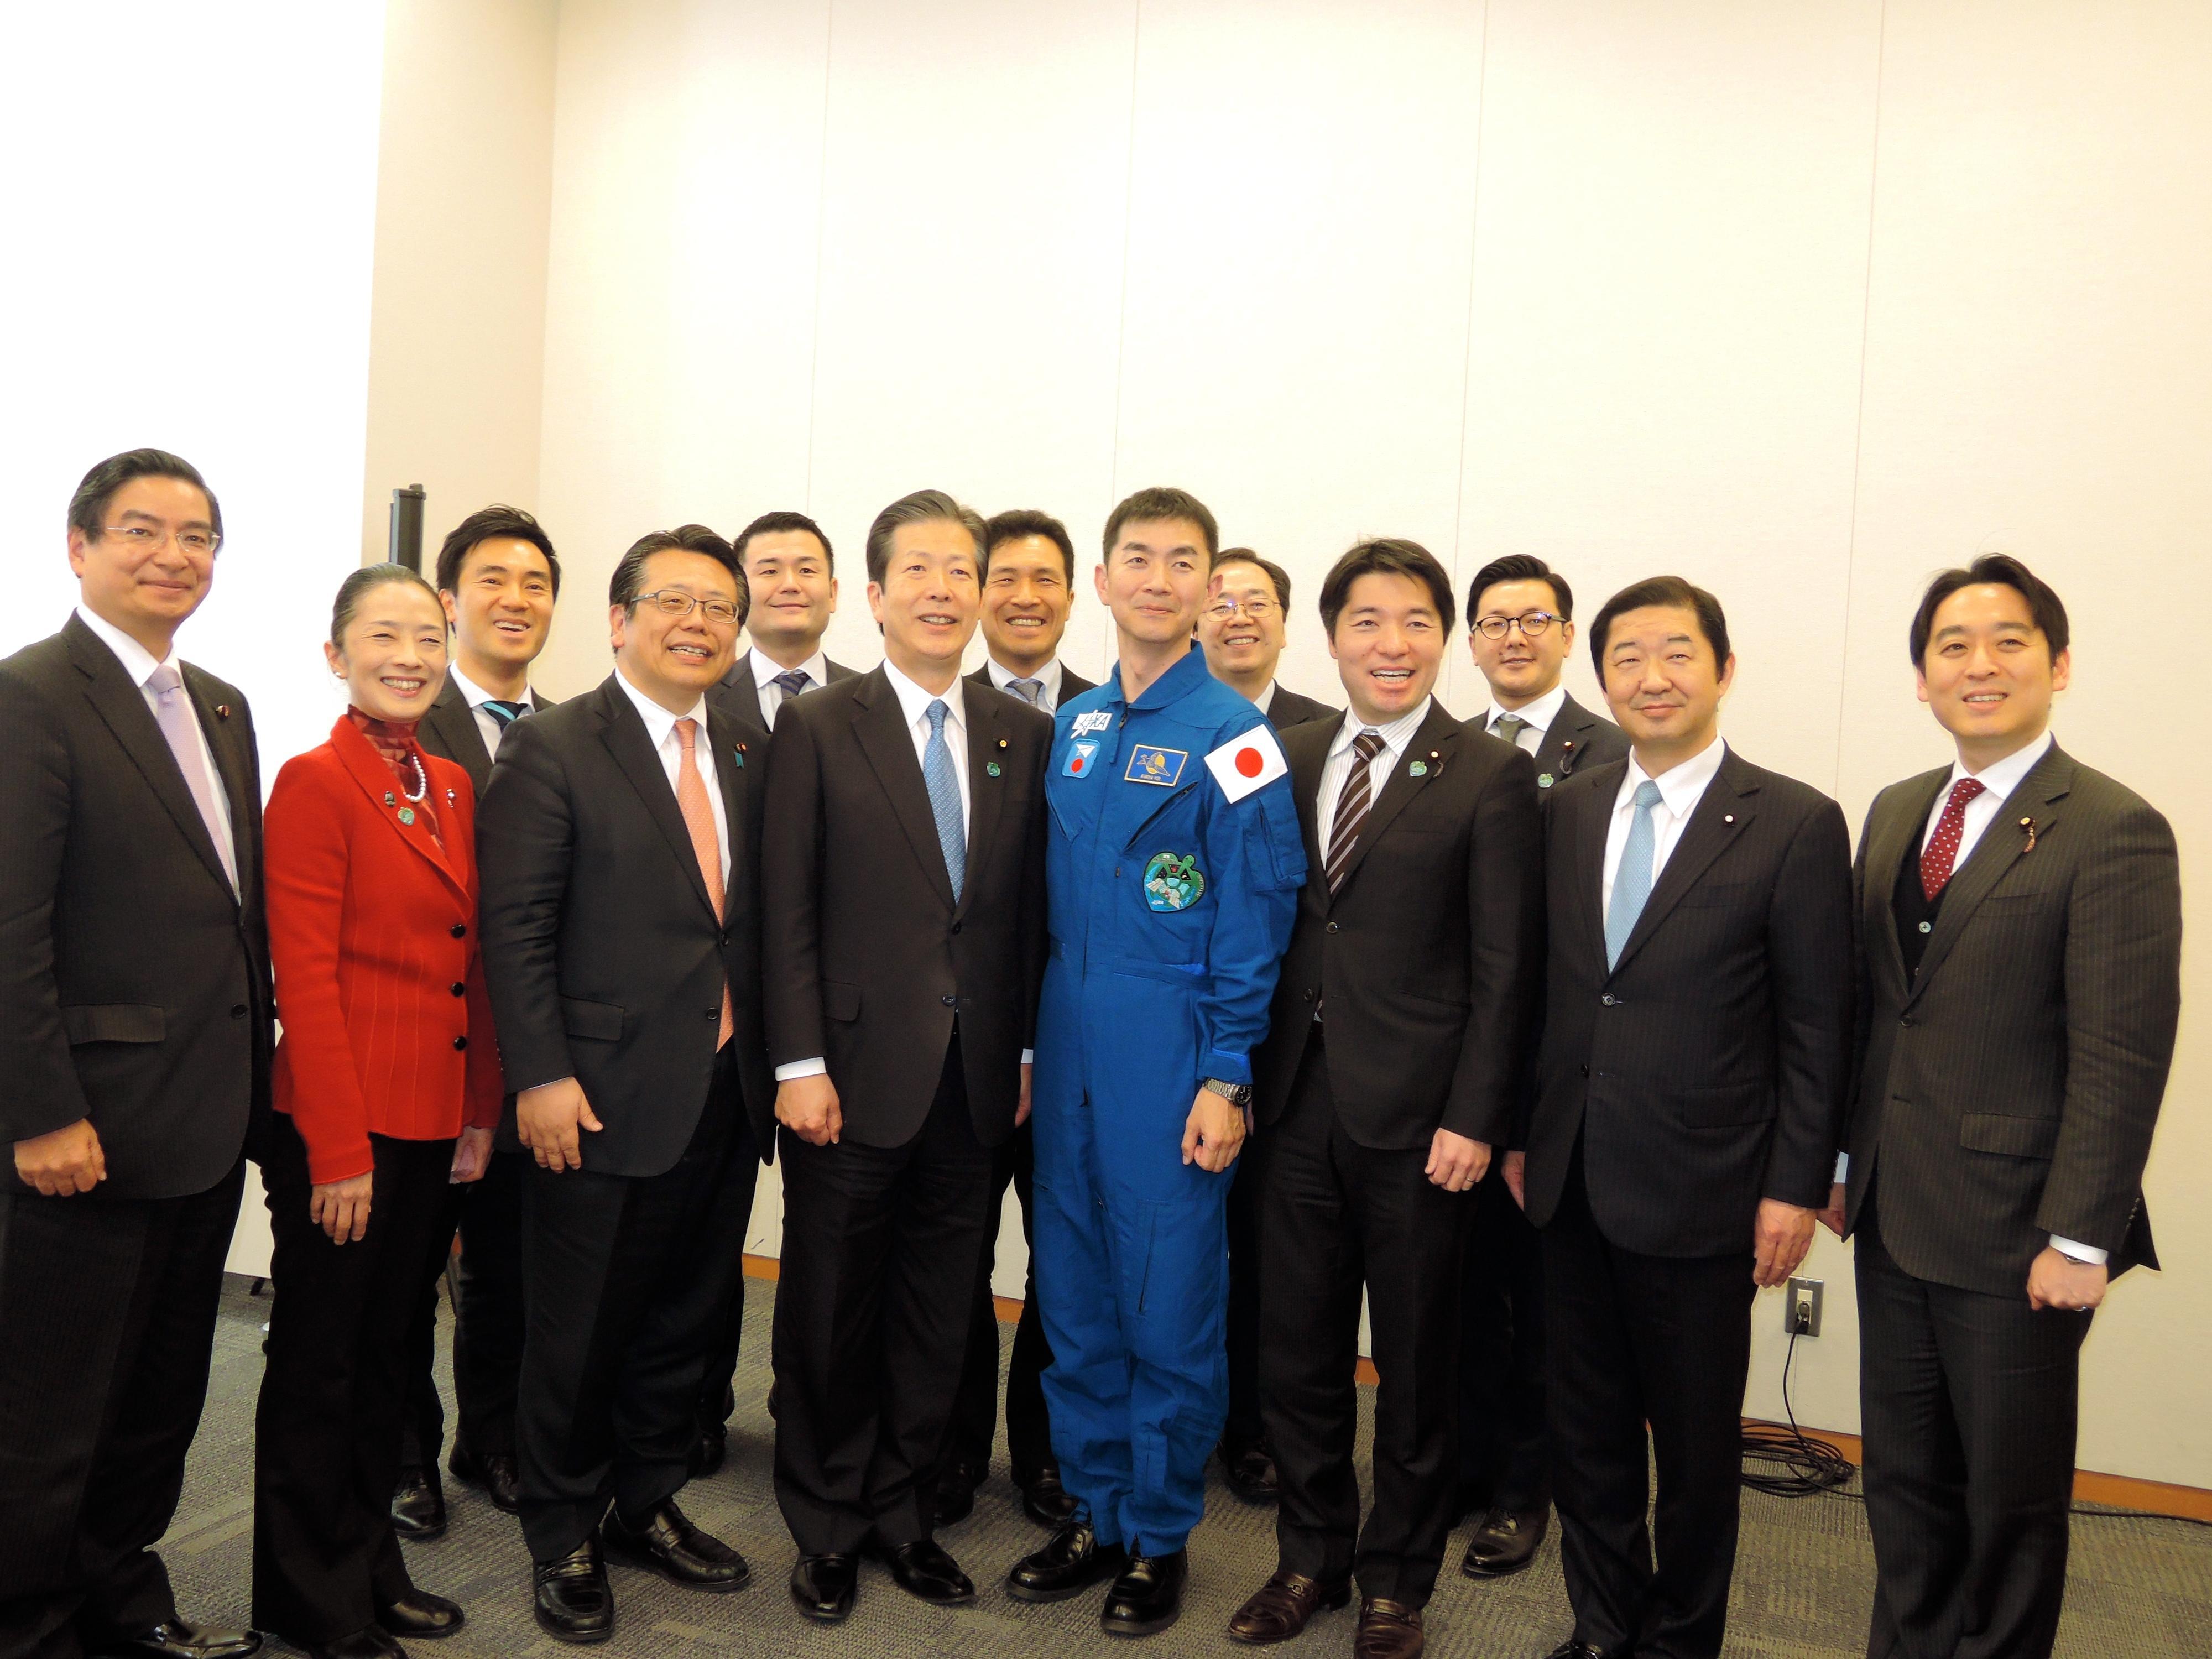 https://www.n-yamaguchi.gr.jp/news/DSCN6199.JPG